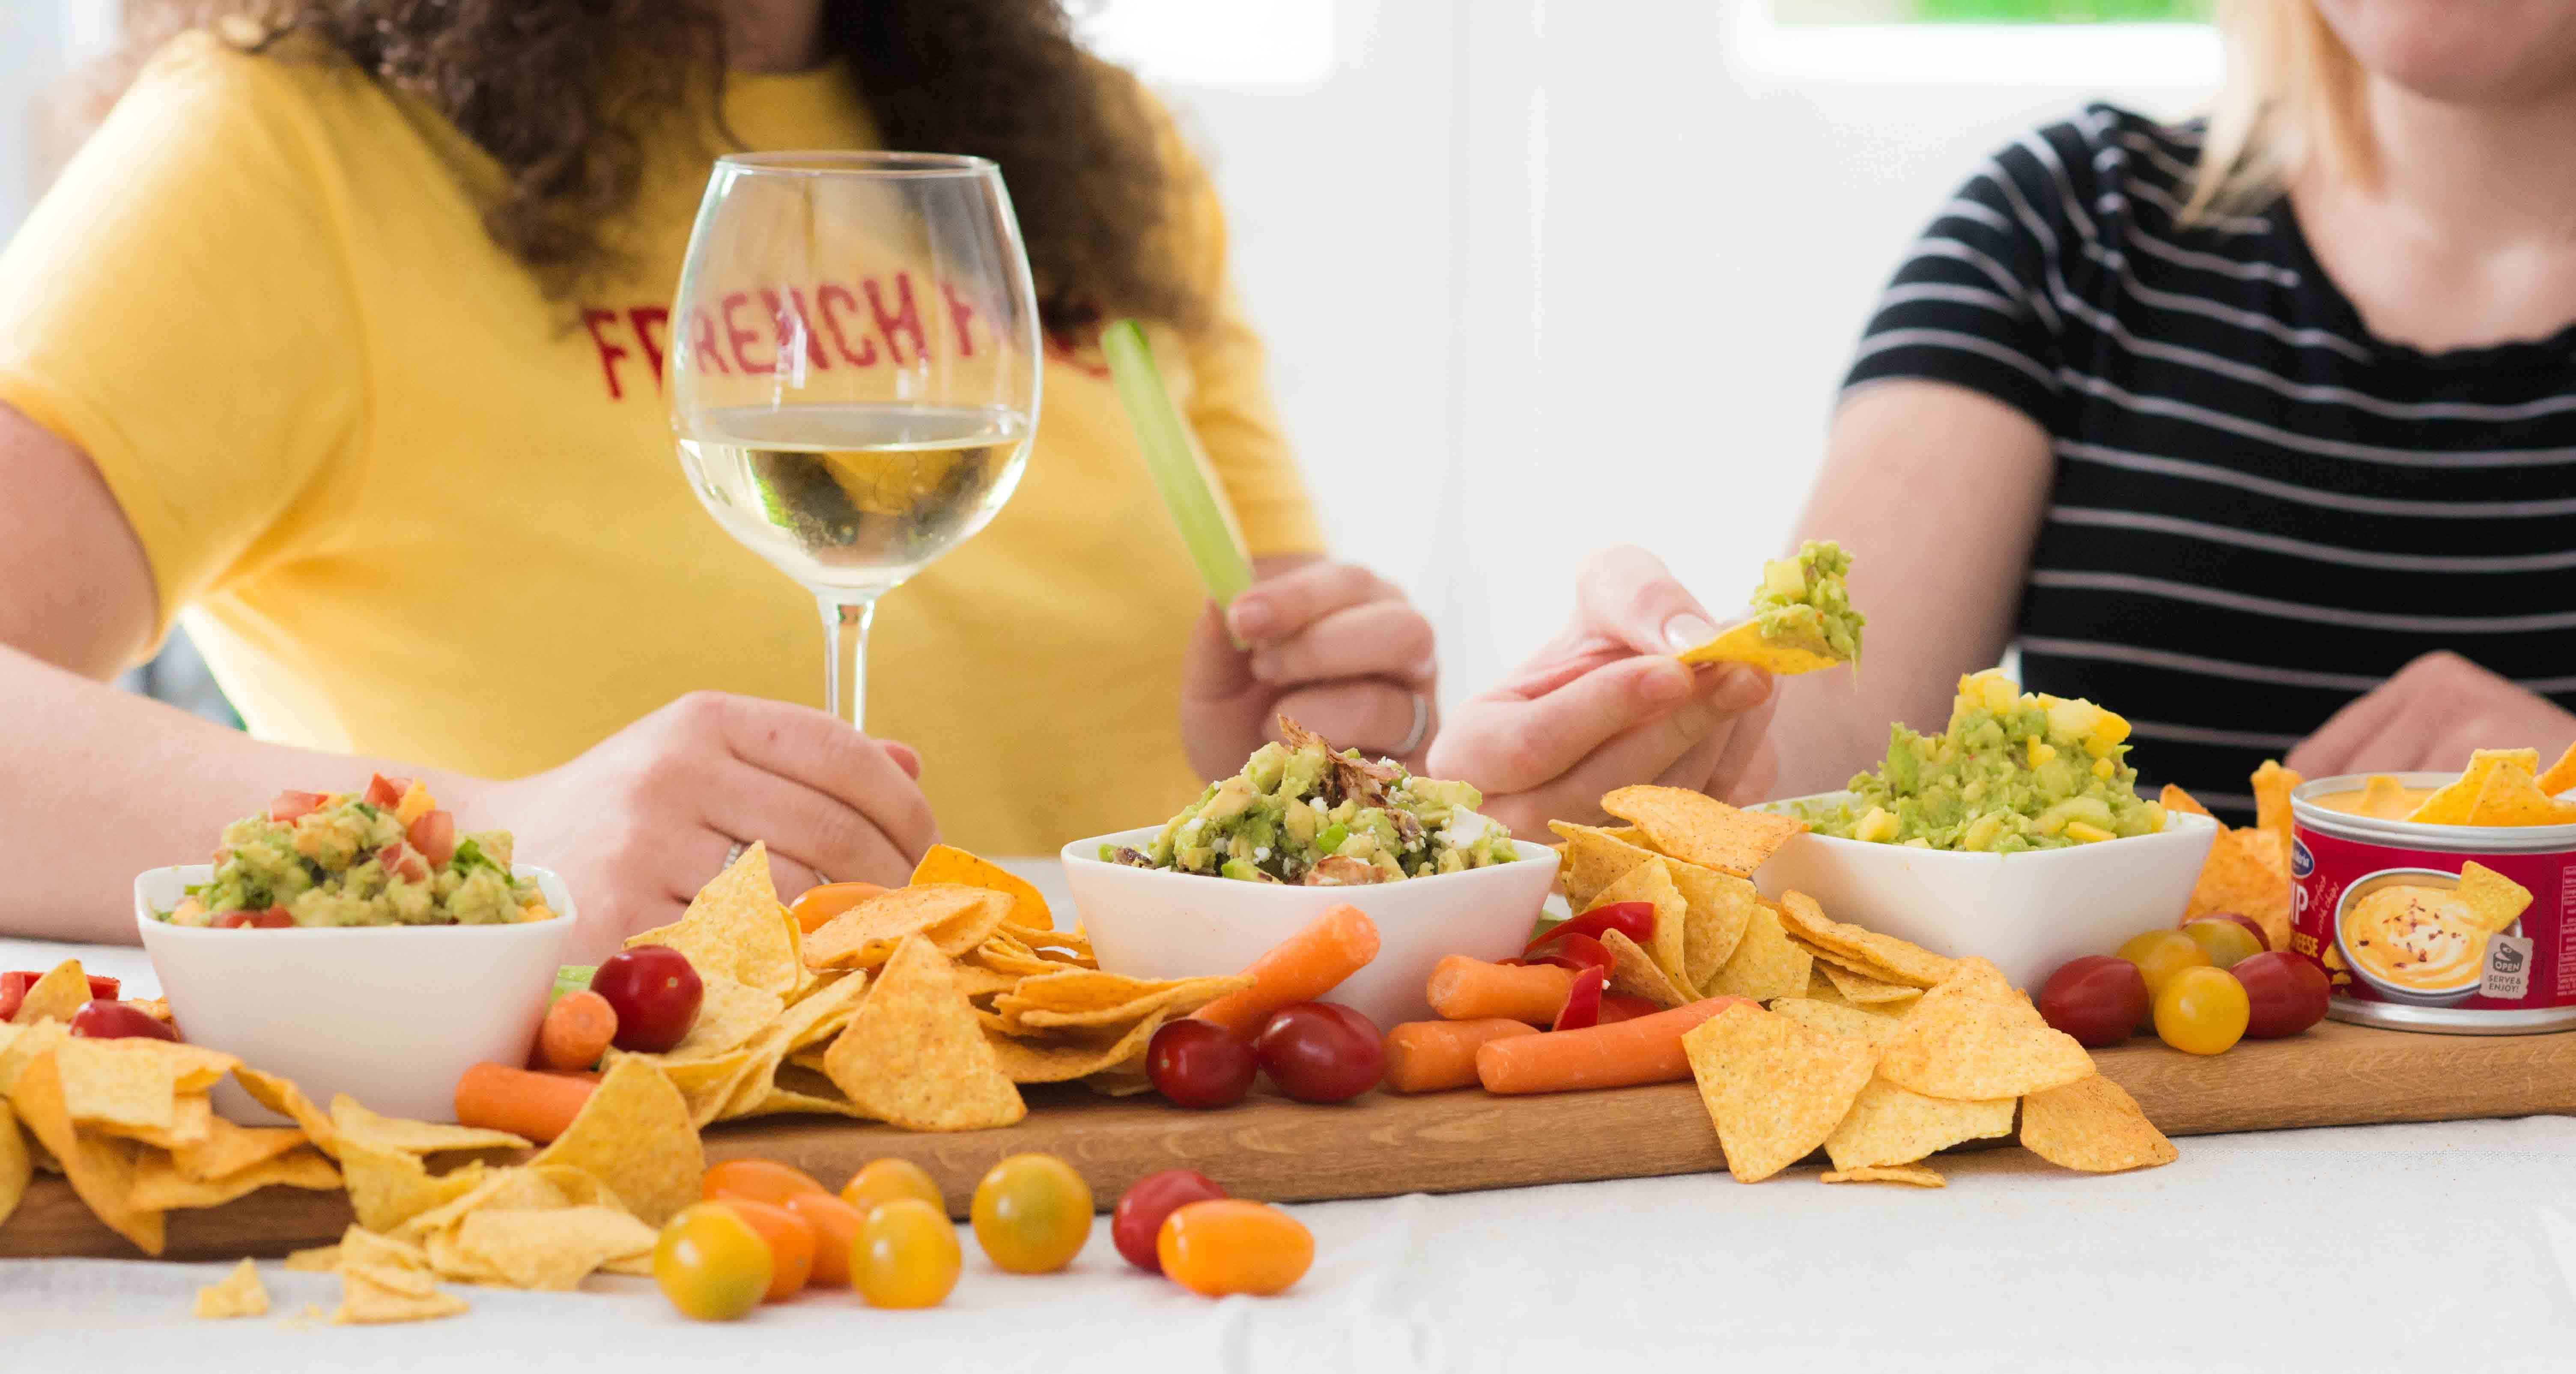 Santa Maria Dip Nacho Cheese Style, borrelplank, tortilla chips, avocado, guacamole